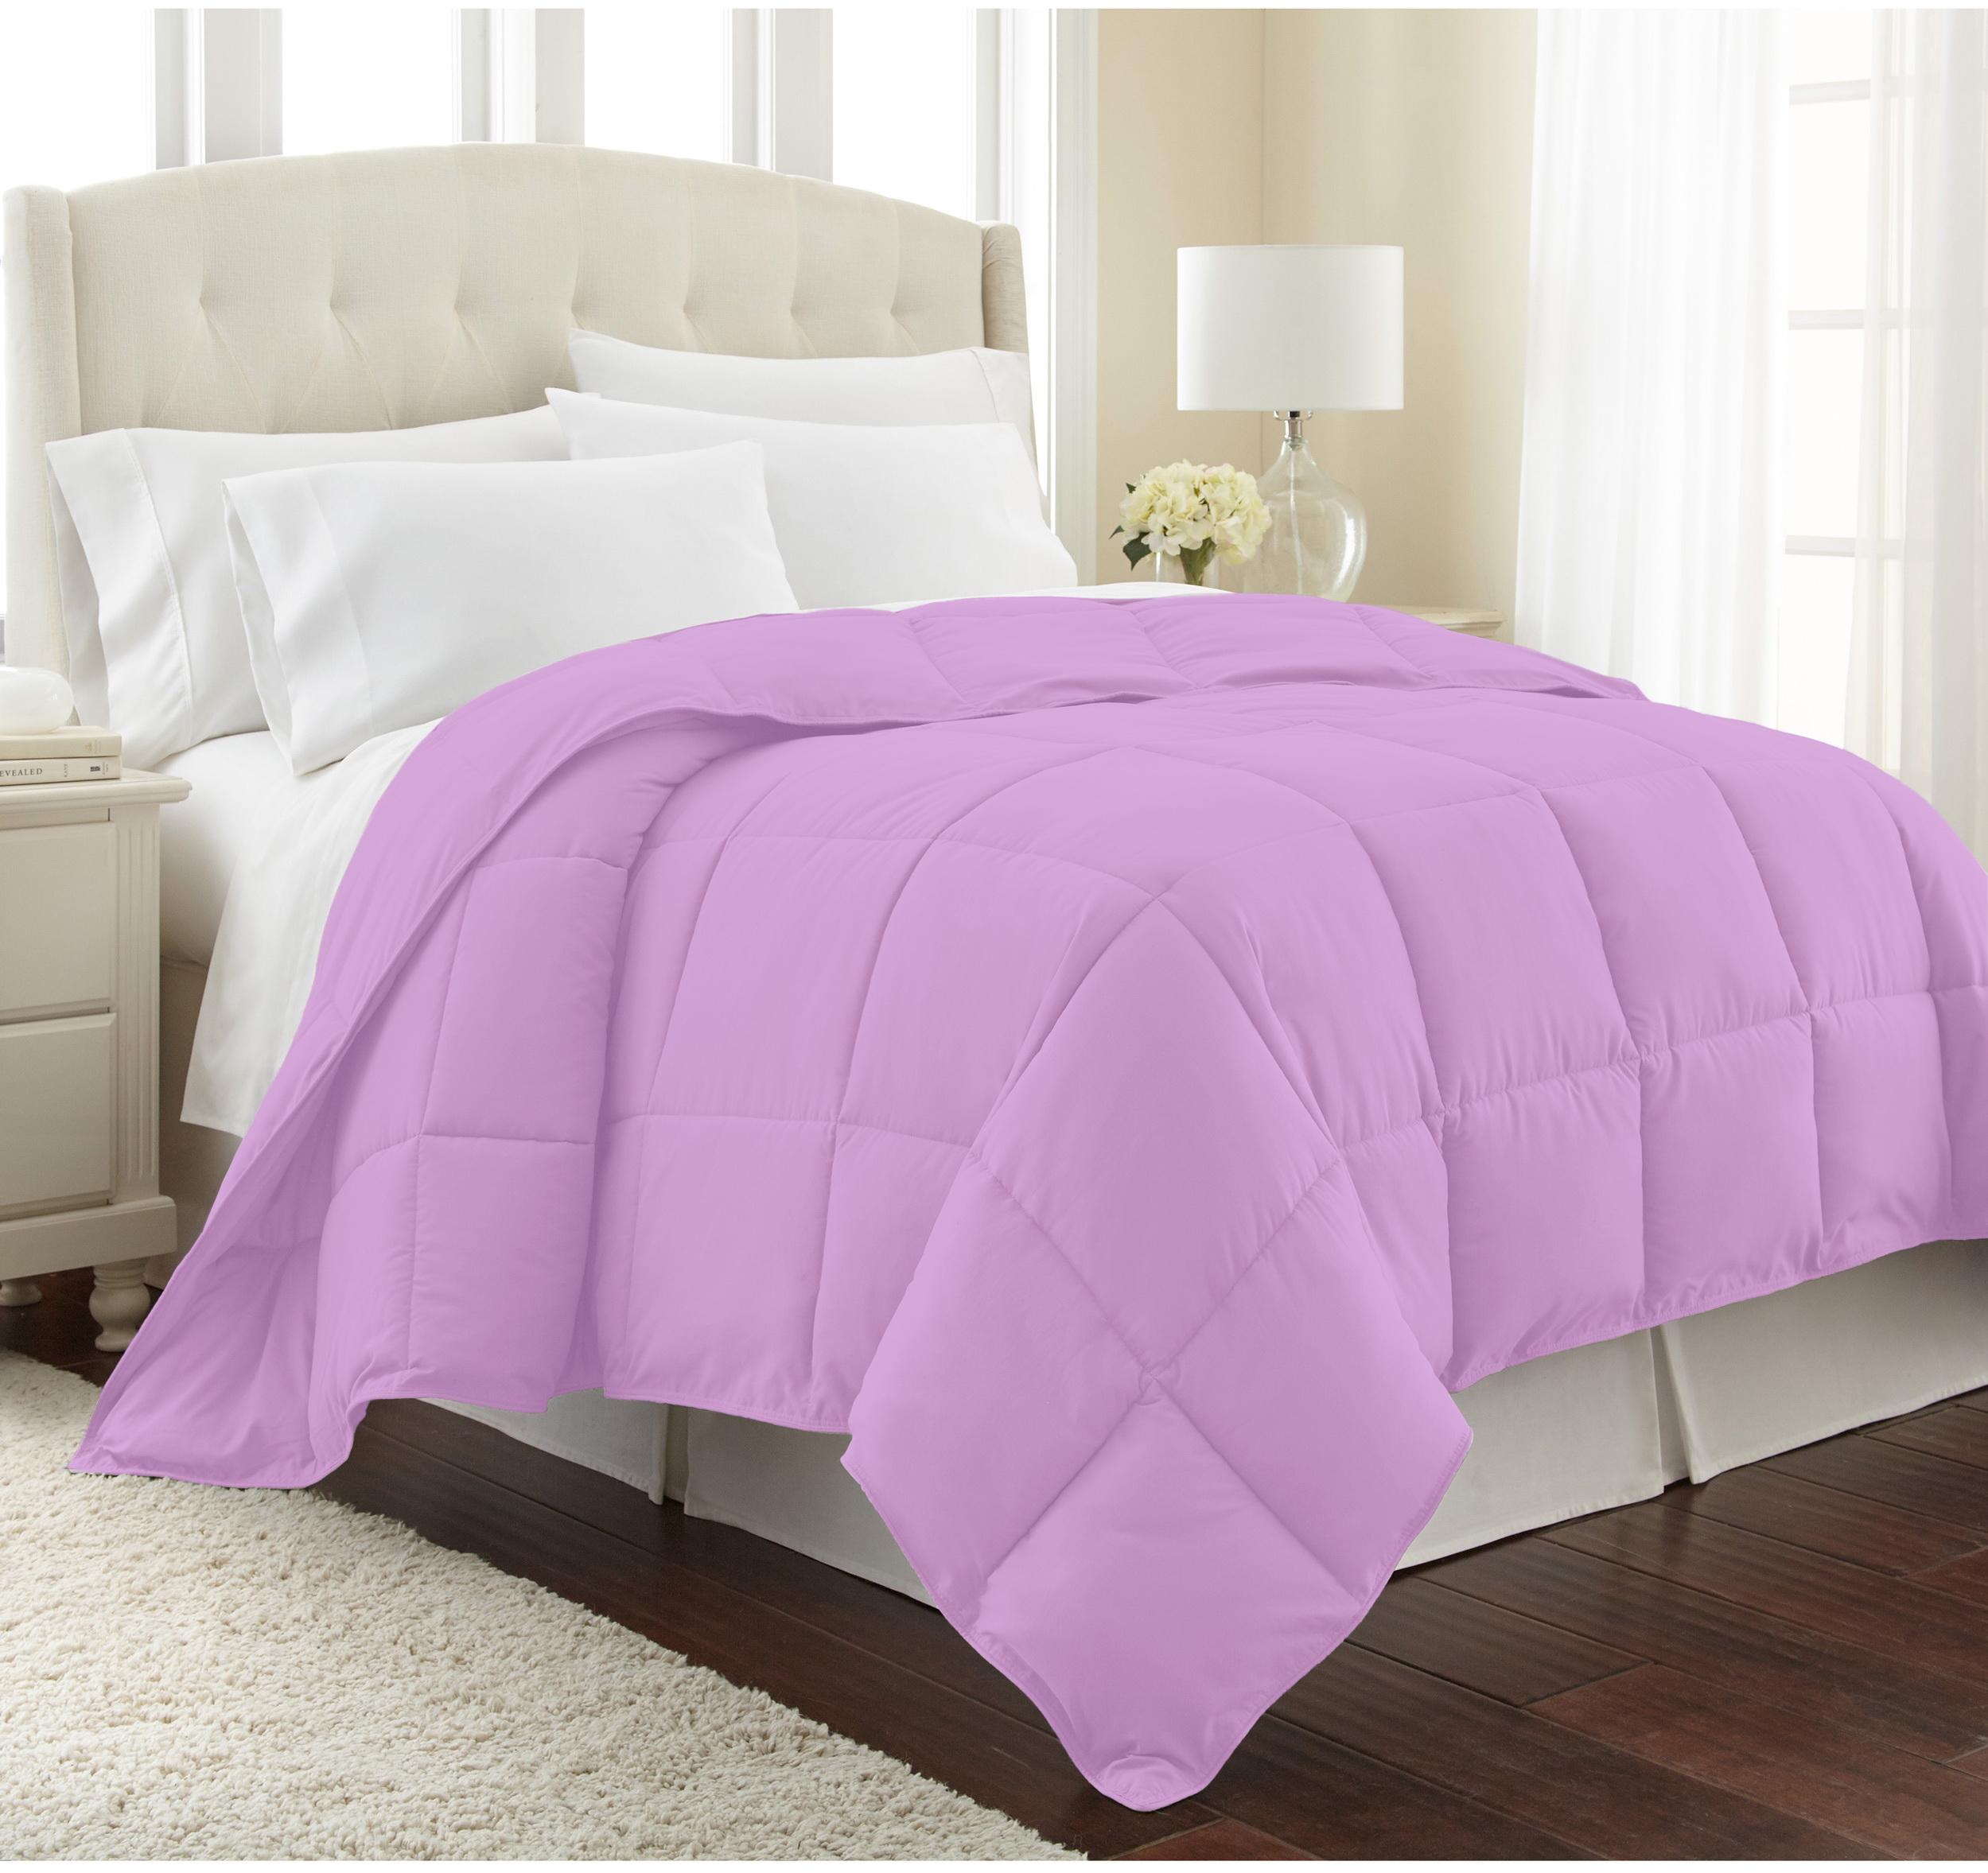 Покривало на 2 спальне ліжко бузкового кольору